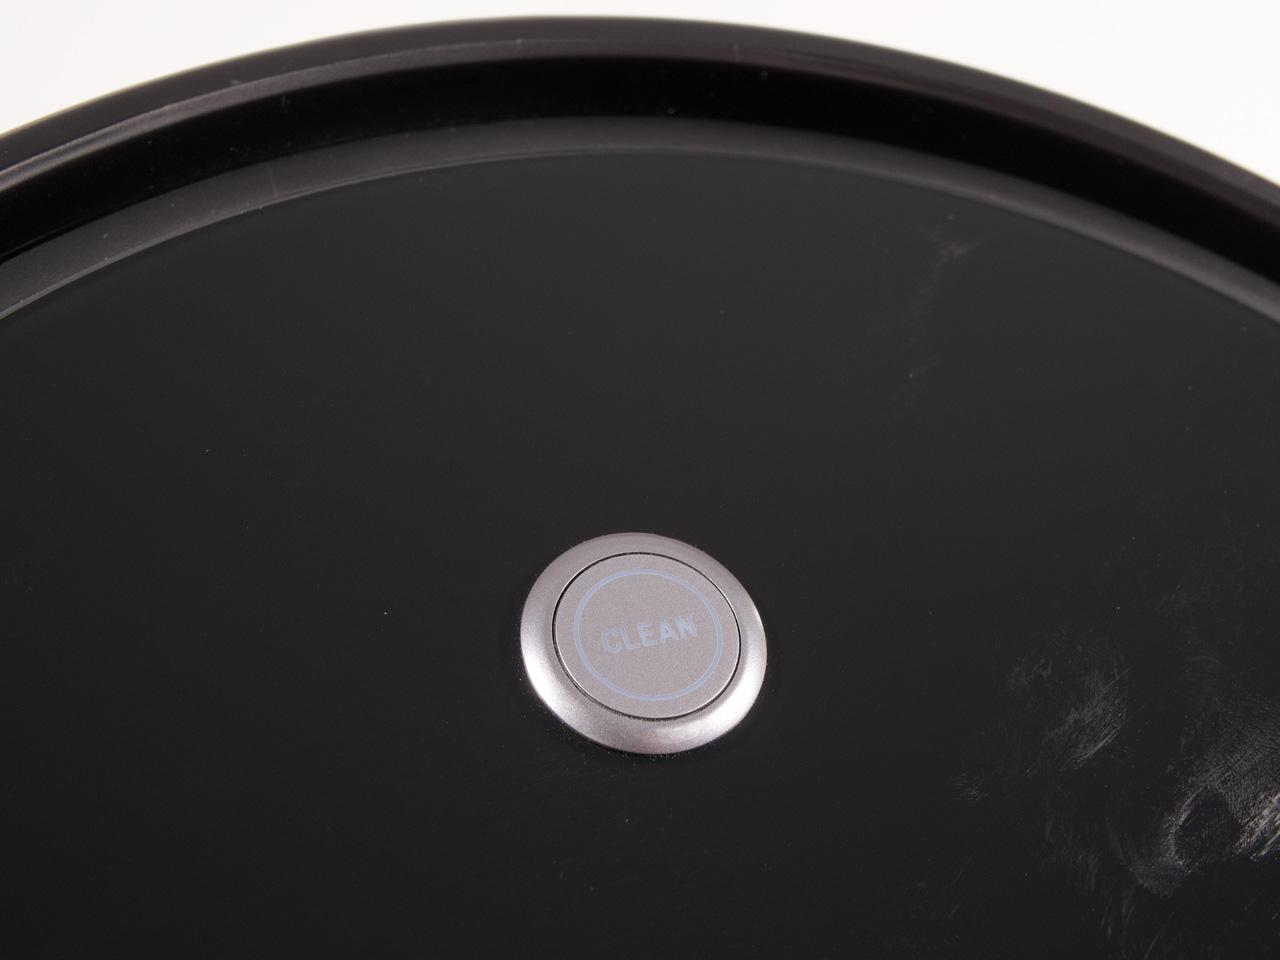 Обзор робота-пылесоса 360 Robot Vacuum Cleaner C50: бюджетная модель с функцией влажной уборки